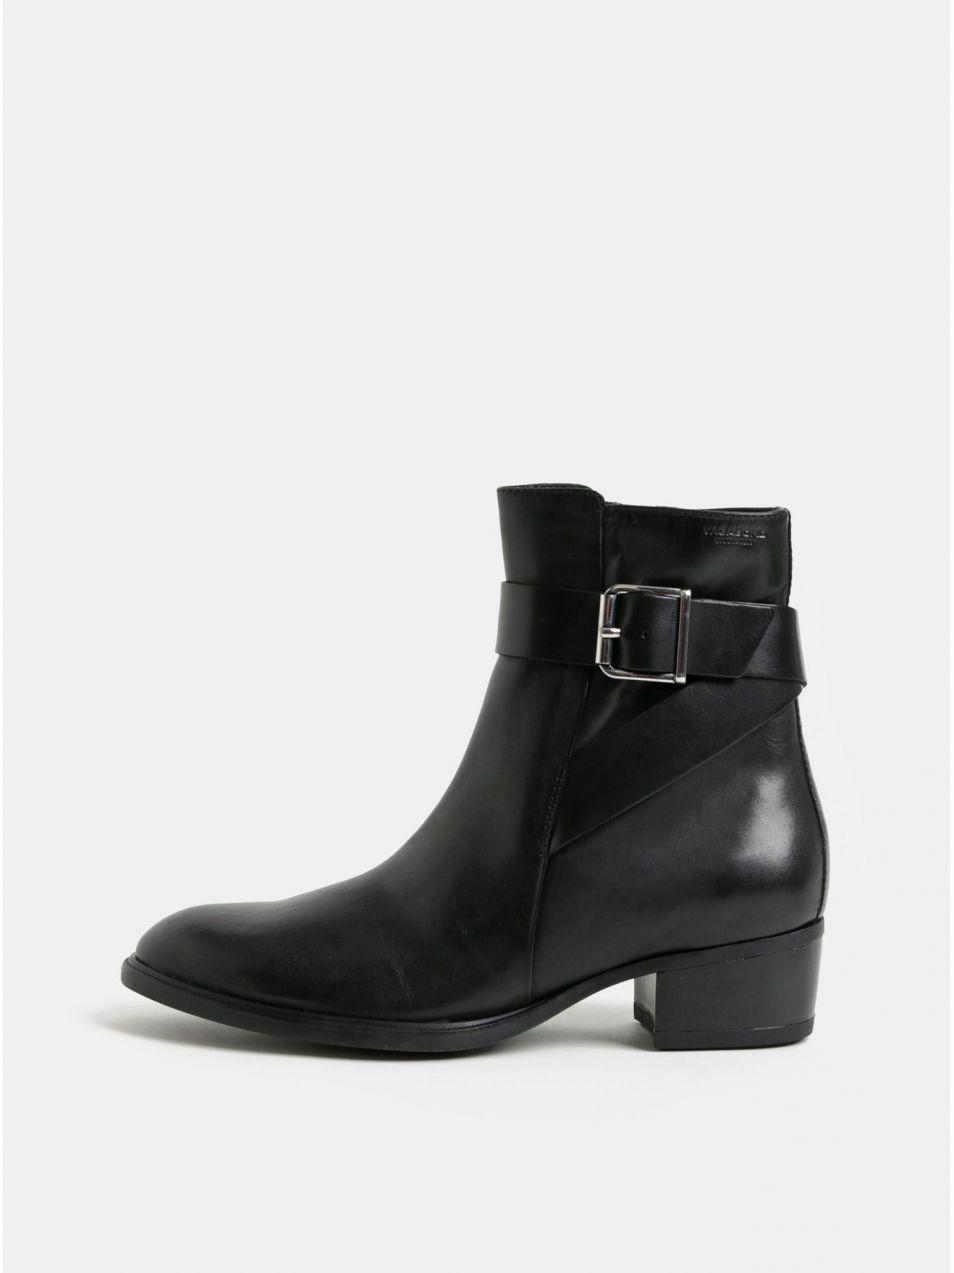 8f2195bc8d Čierne dámske kožené členkové topánky Vagabond Meja značky Vagabond ...